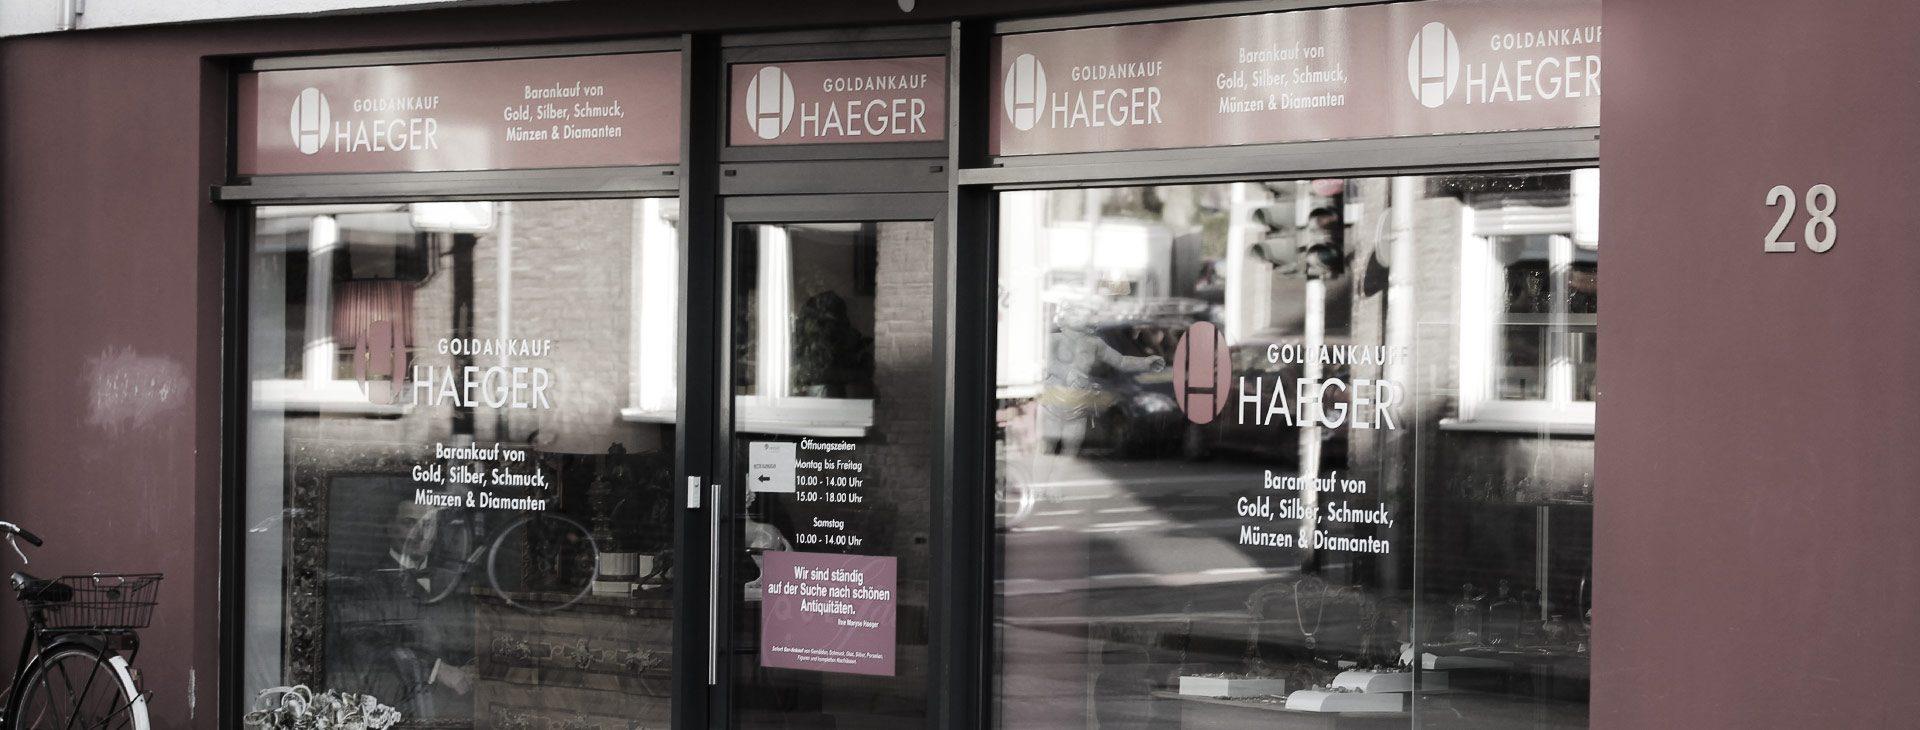 Haeger GmbH  - Goldankauf Aachen, Neupforte in Aachen